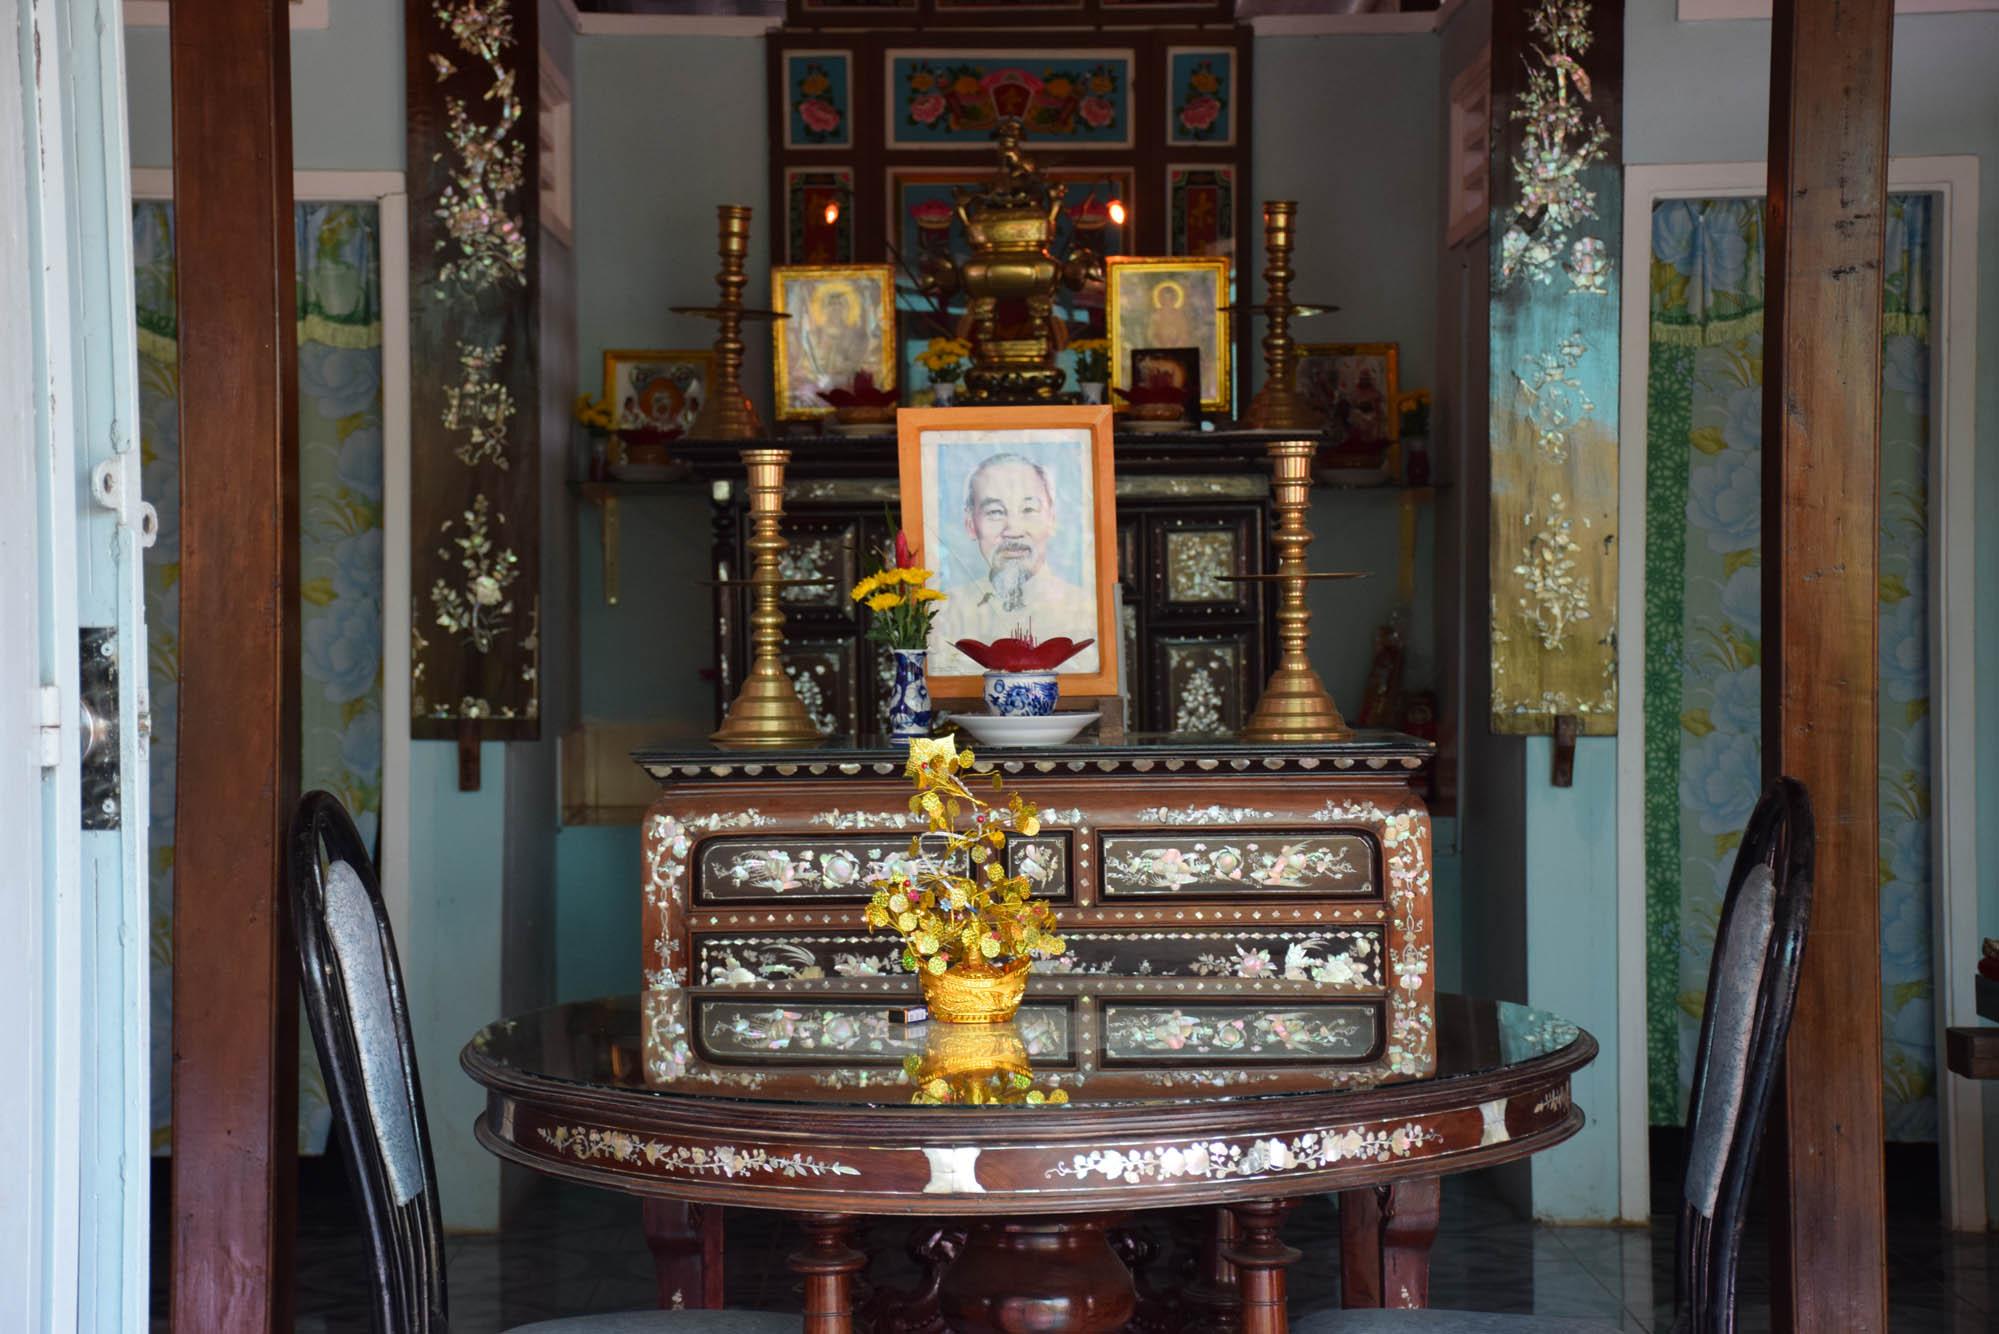 Sempre o Ho Chi Minh nas casas, paredes, lojas...